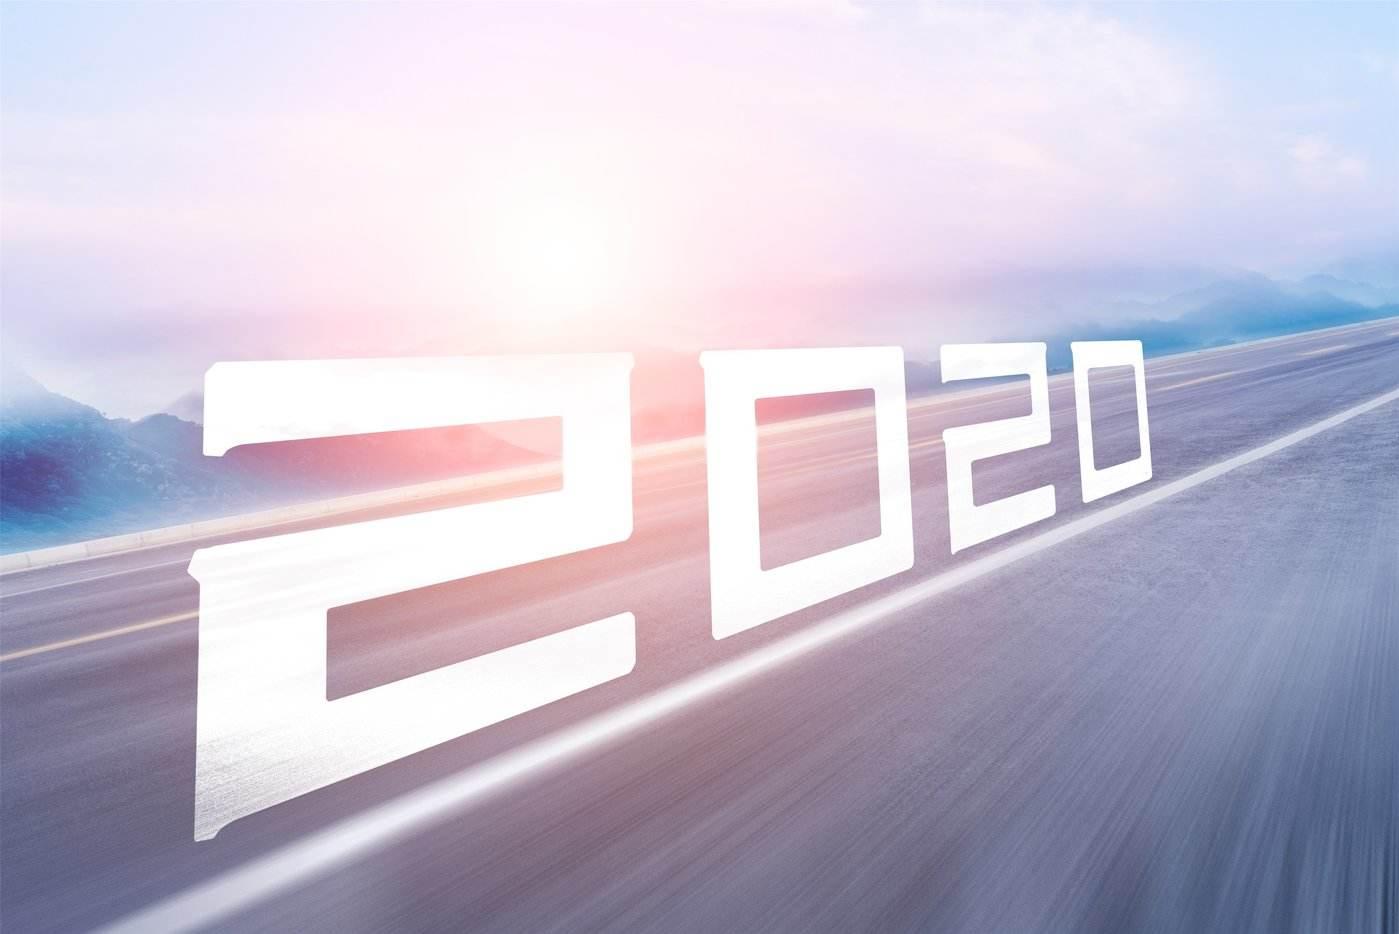 2020车辆年检新规流程内容?2020车辆年检新规什么时候开始?